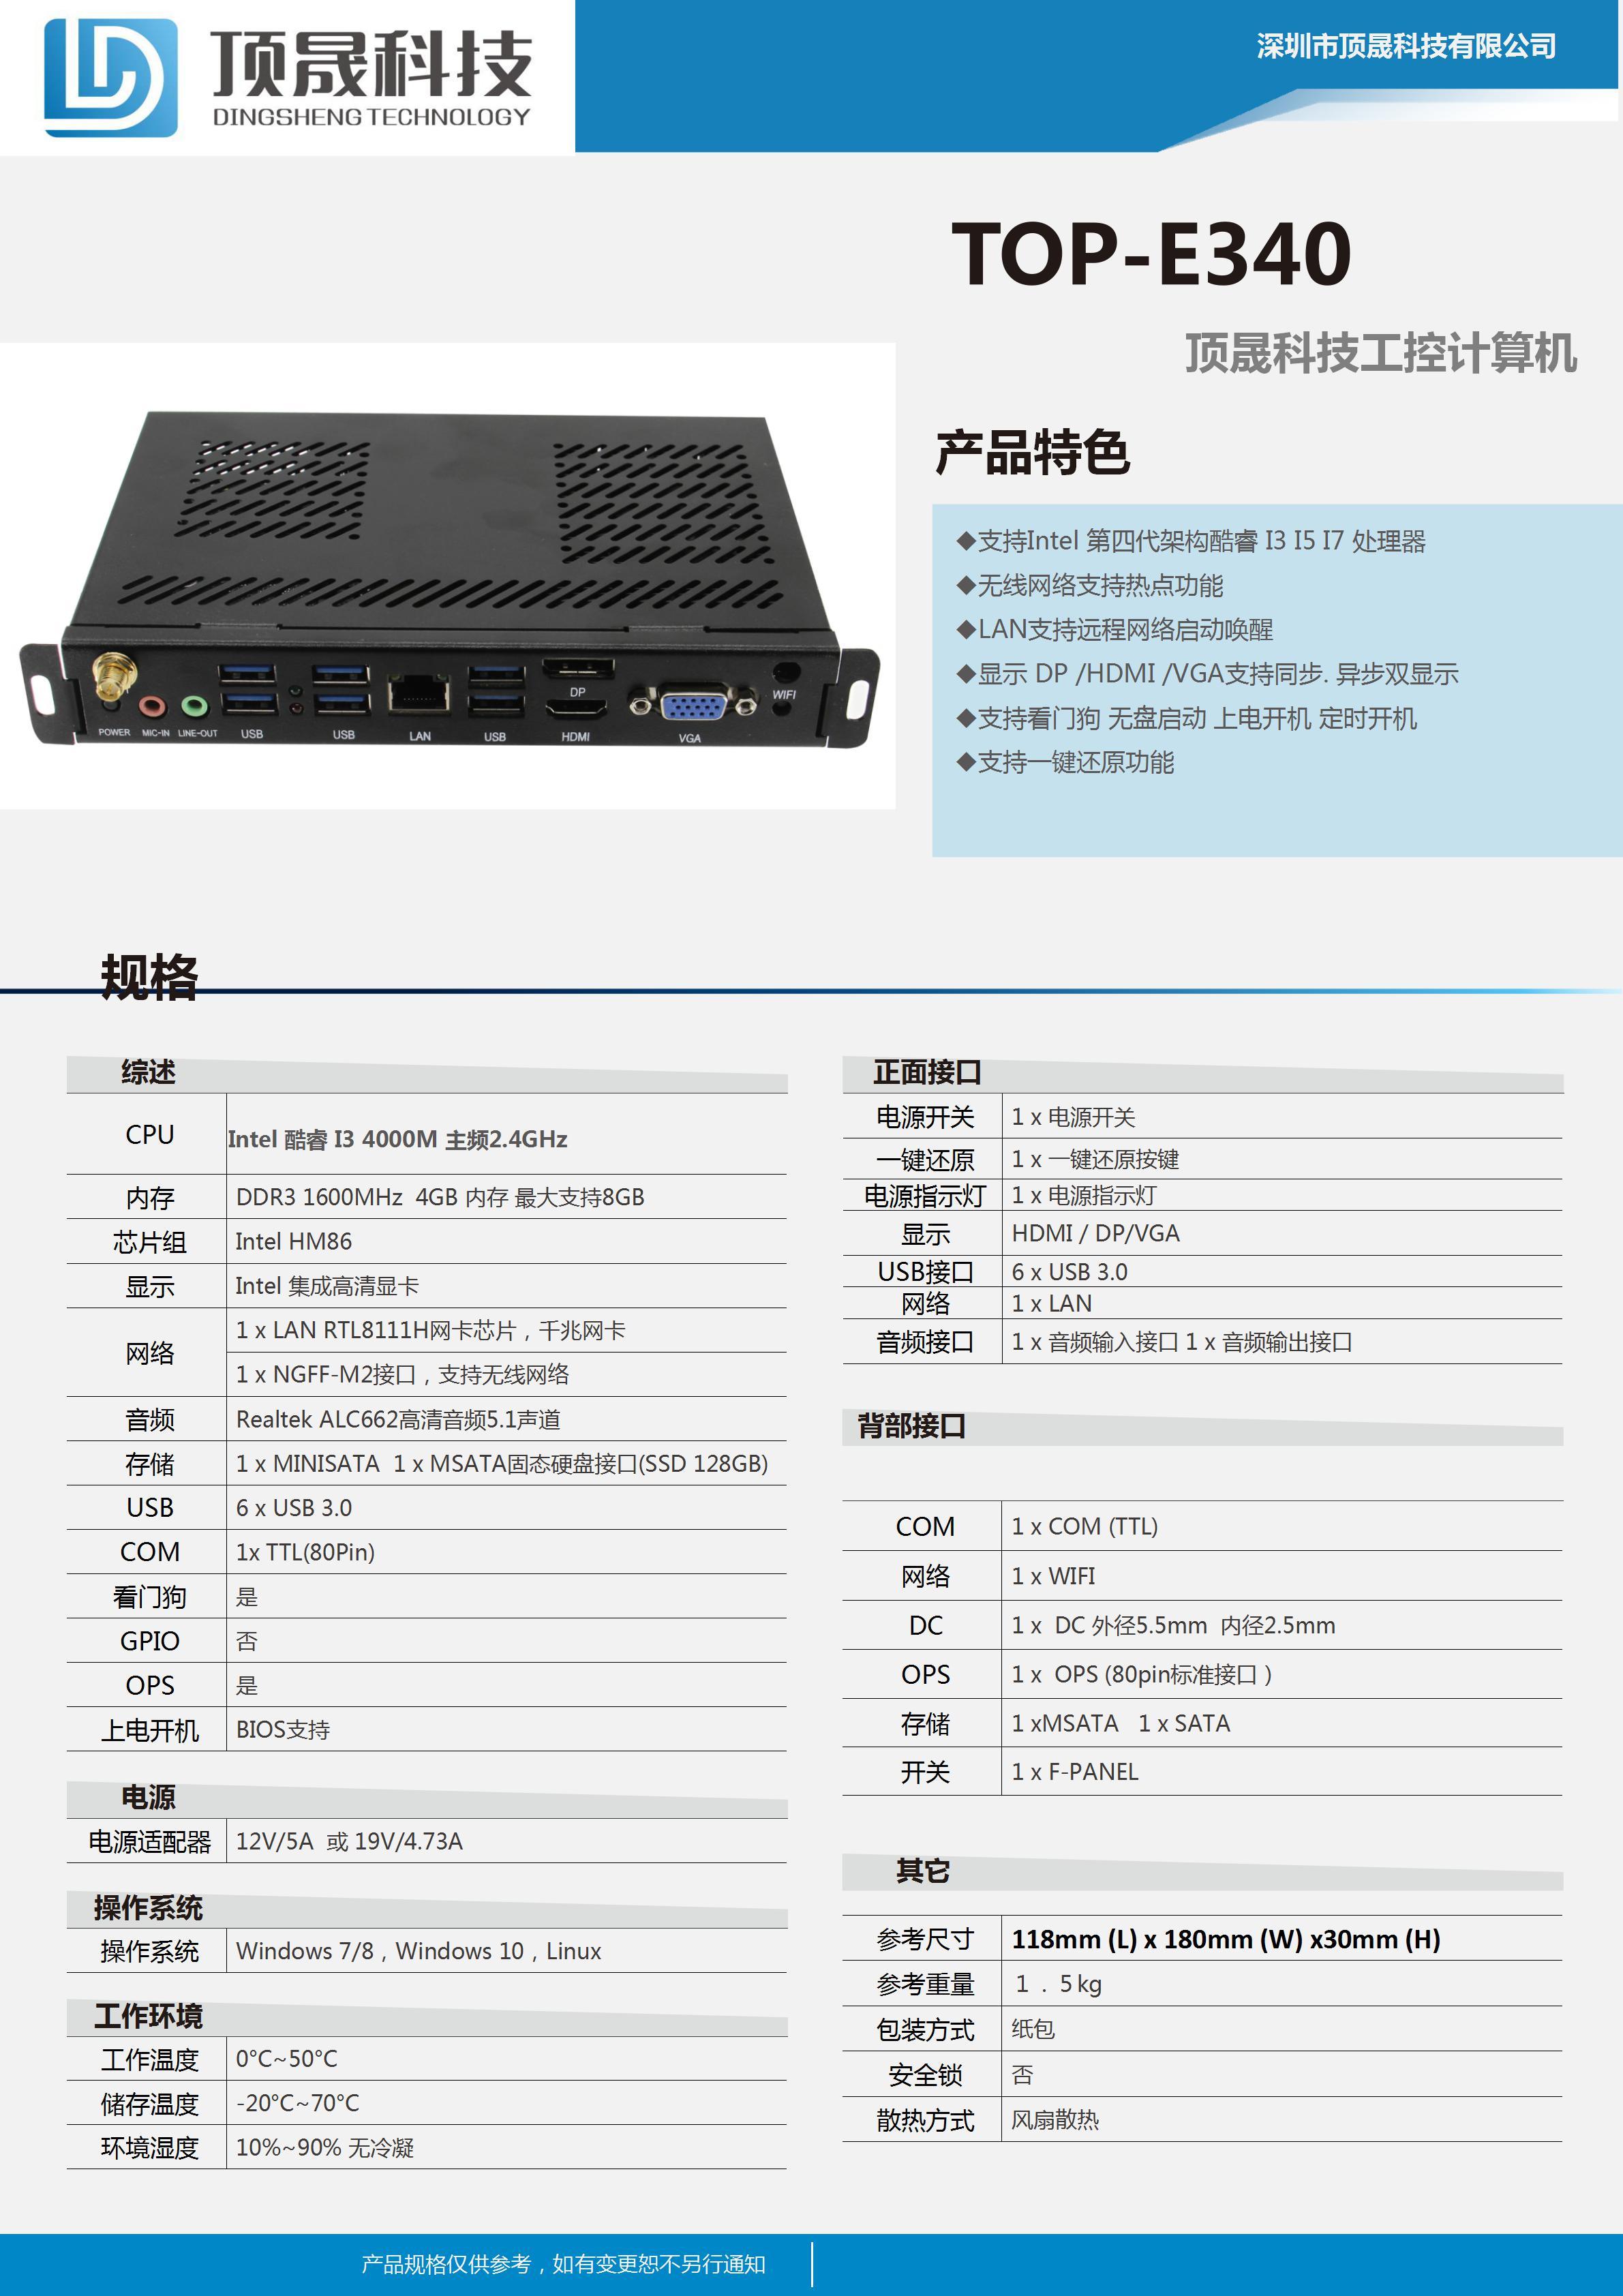 DS-E86-I330MM_01